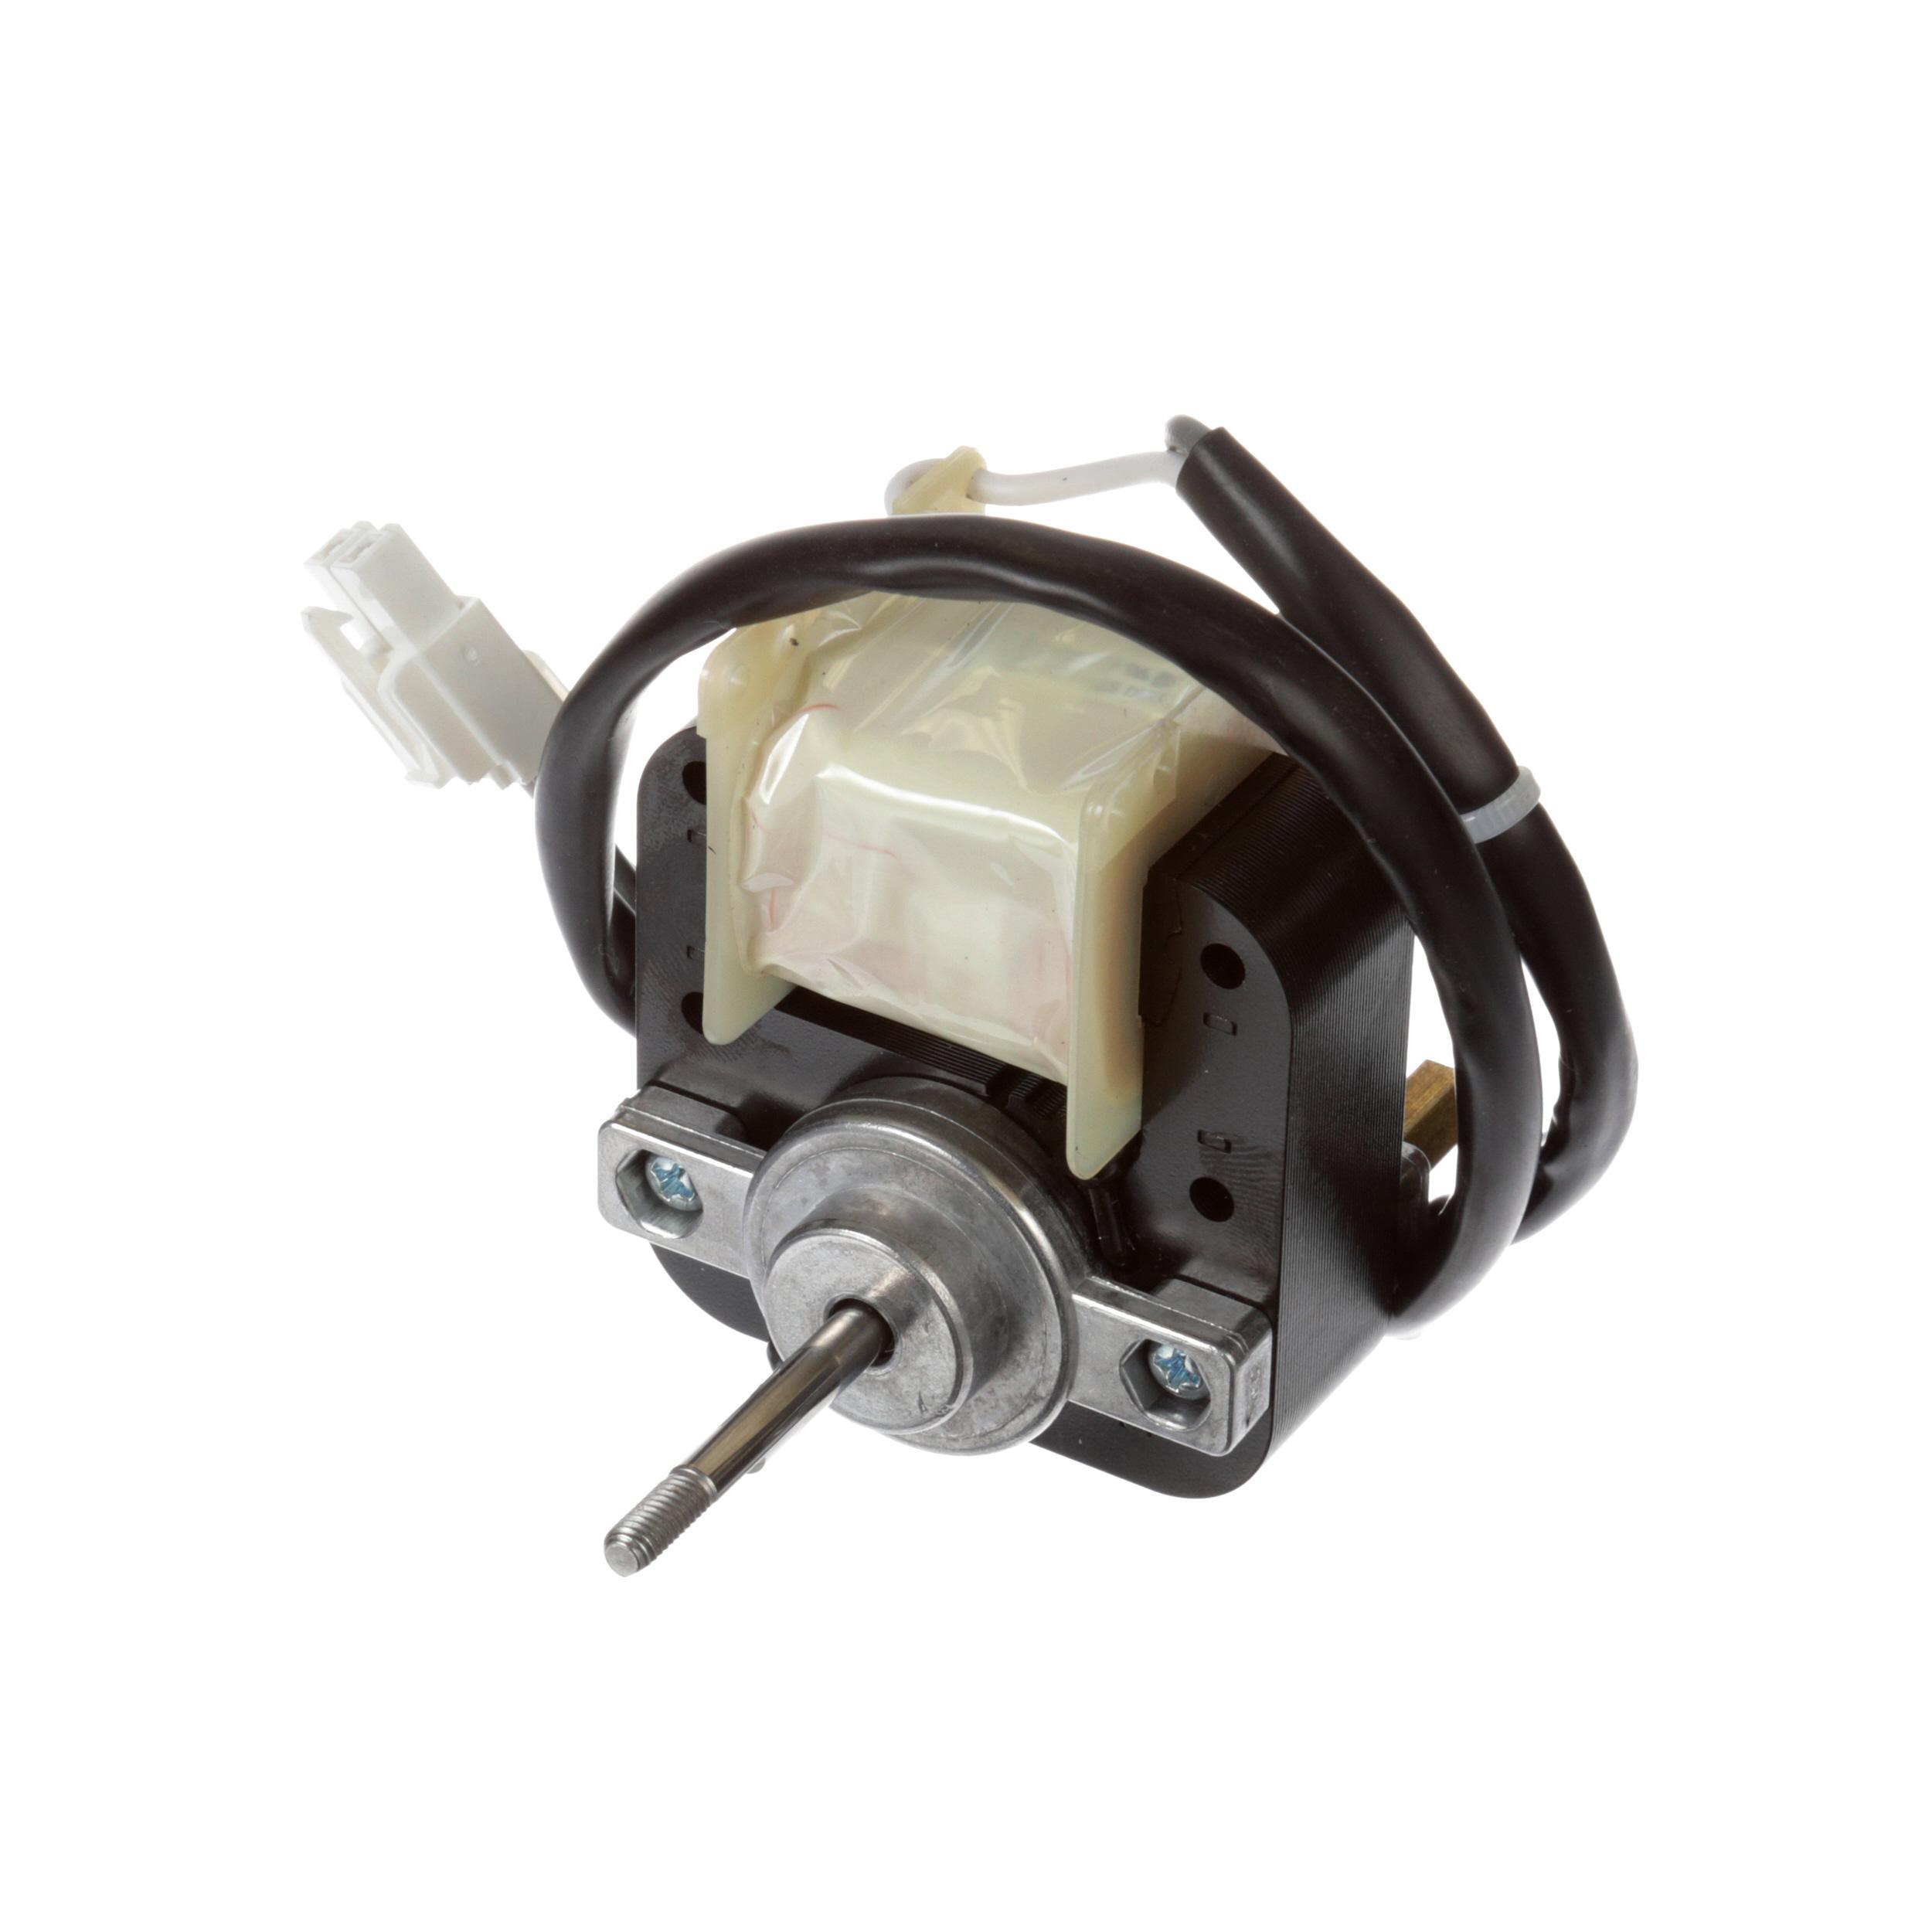 Turbo Air Condenser Fan Motor Part 3963226710